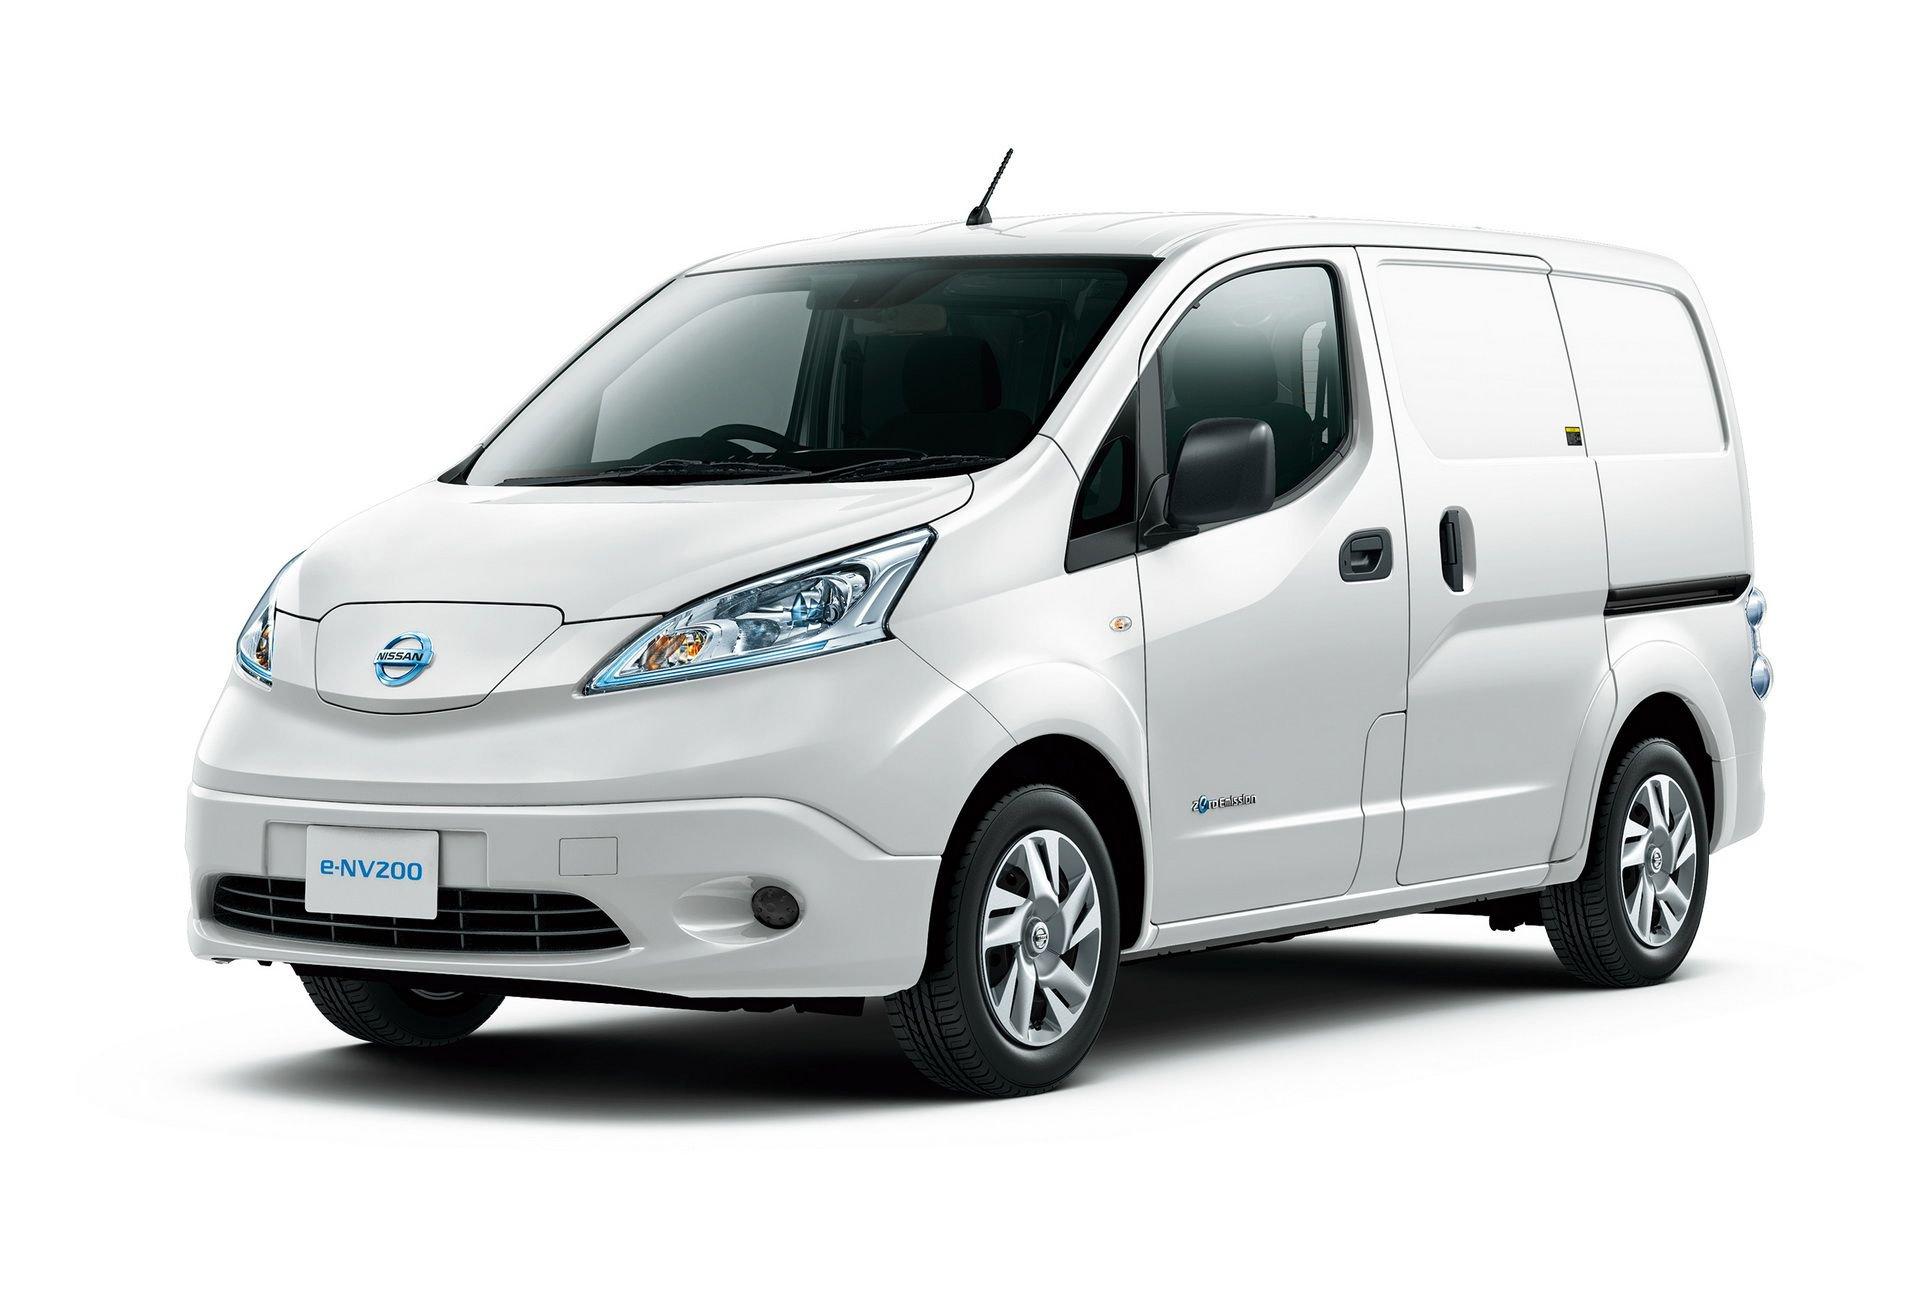 2019_Nissan_e-NV200_0011